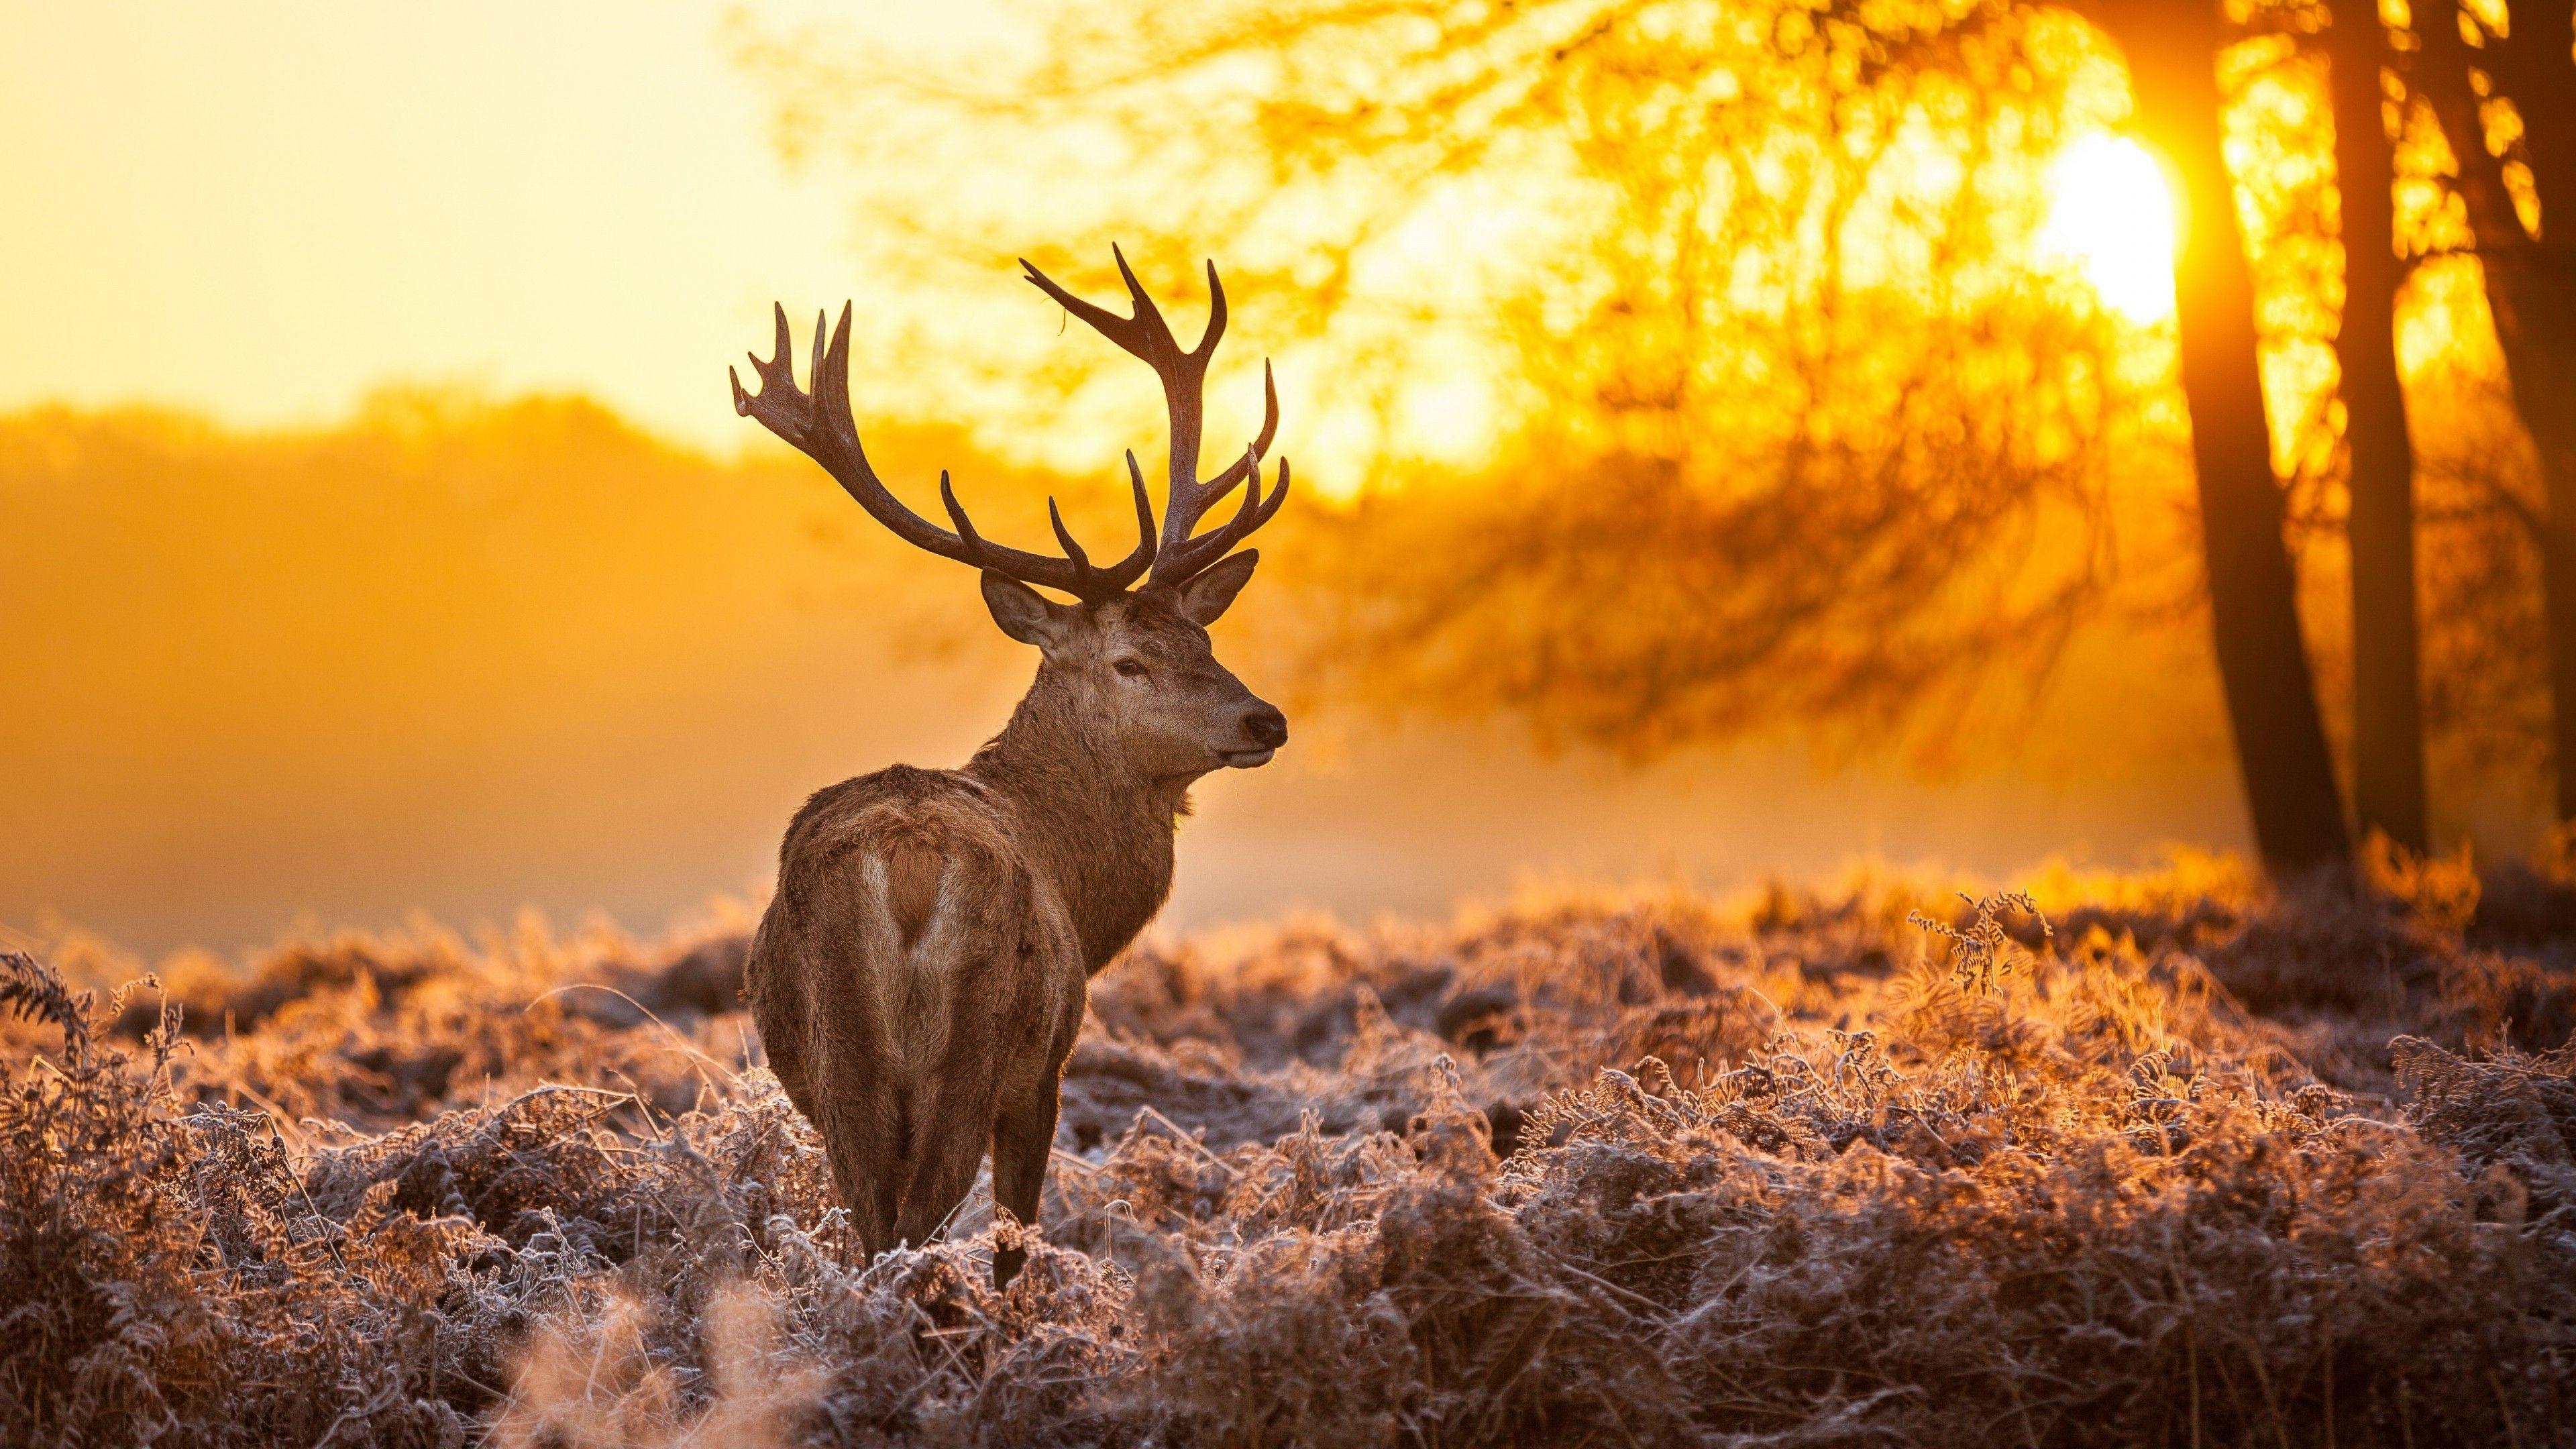 3840x2160 Hình nền Deer, 4k, Hình nền có độ phân giải cao, hoang dã, mặt trời, màu vàng, thiên nhiên